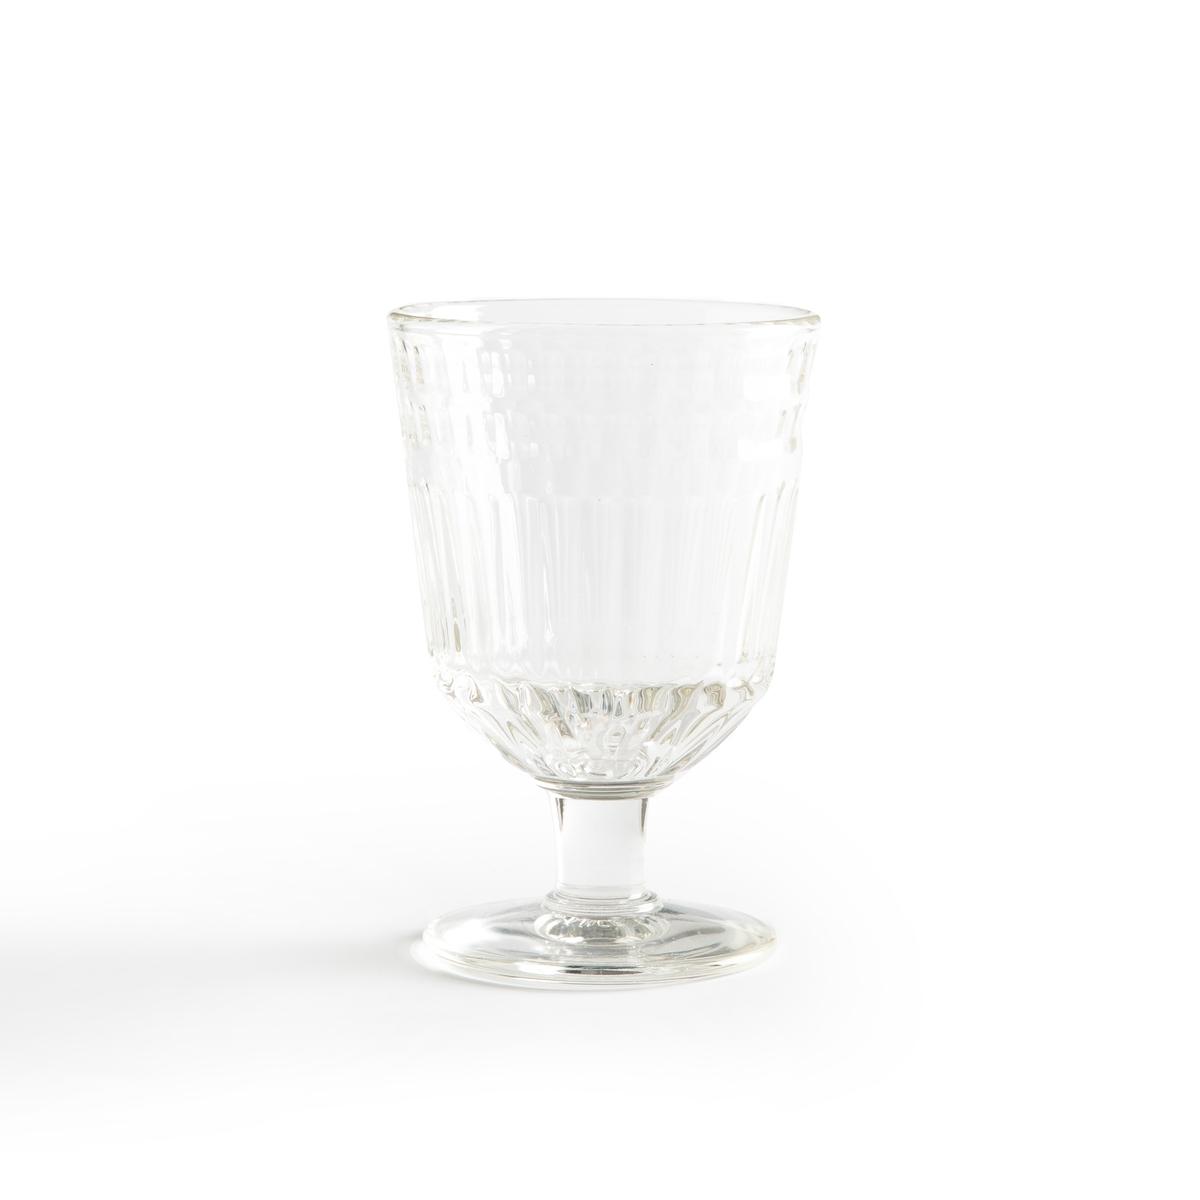 Набор LaRedoute Из 6 бокалов Cote единый размер другие набор laredoute из 6 стаканов troquet единый размер другие